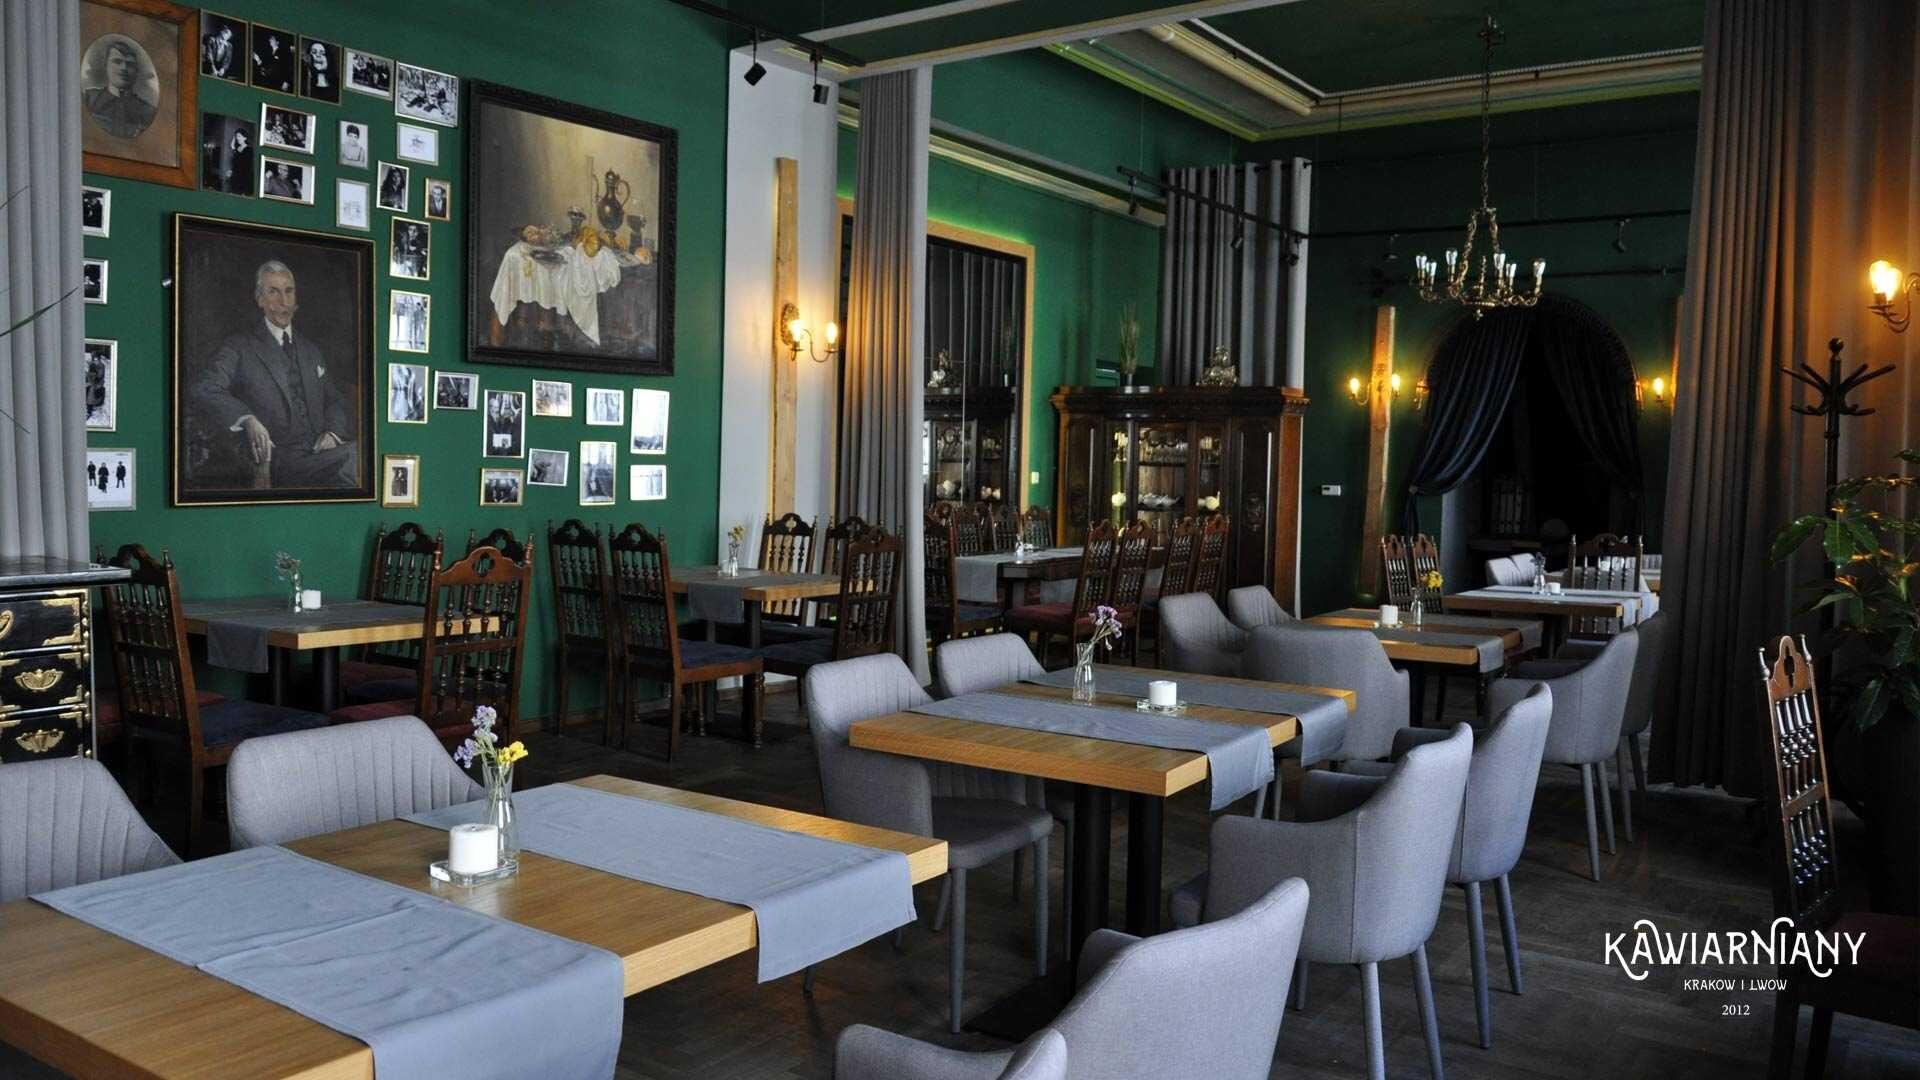 Restauracja Pod Gruszka, Szczepańska 1. W tych wnętrzach jada się od wieku